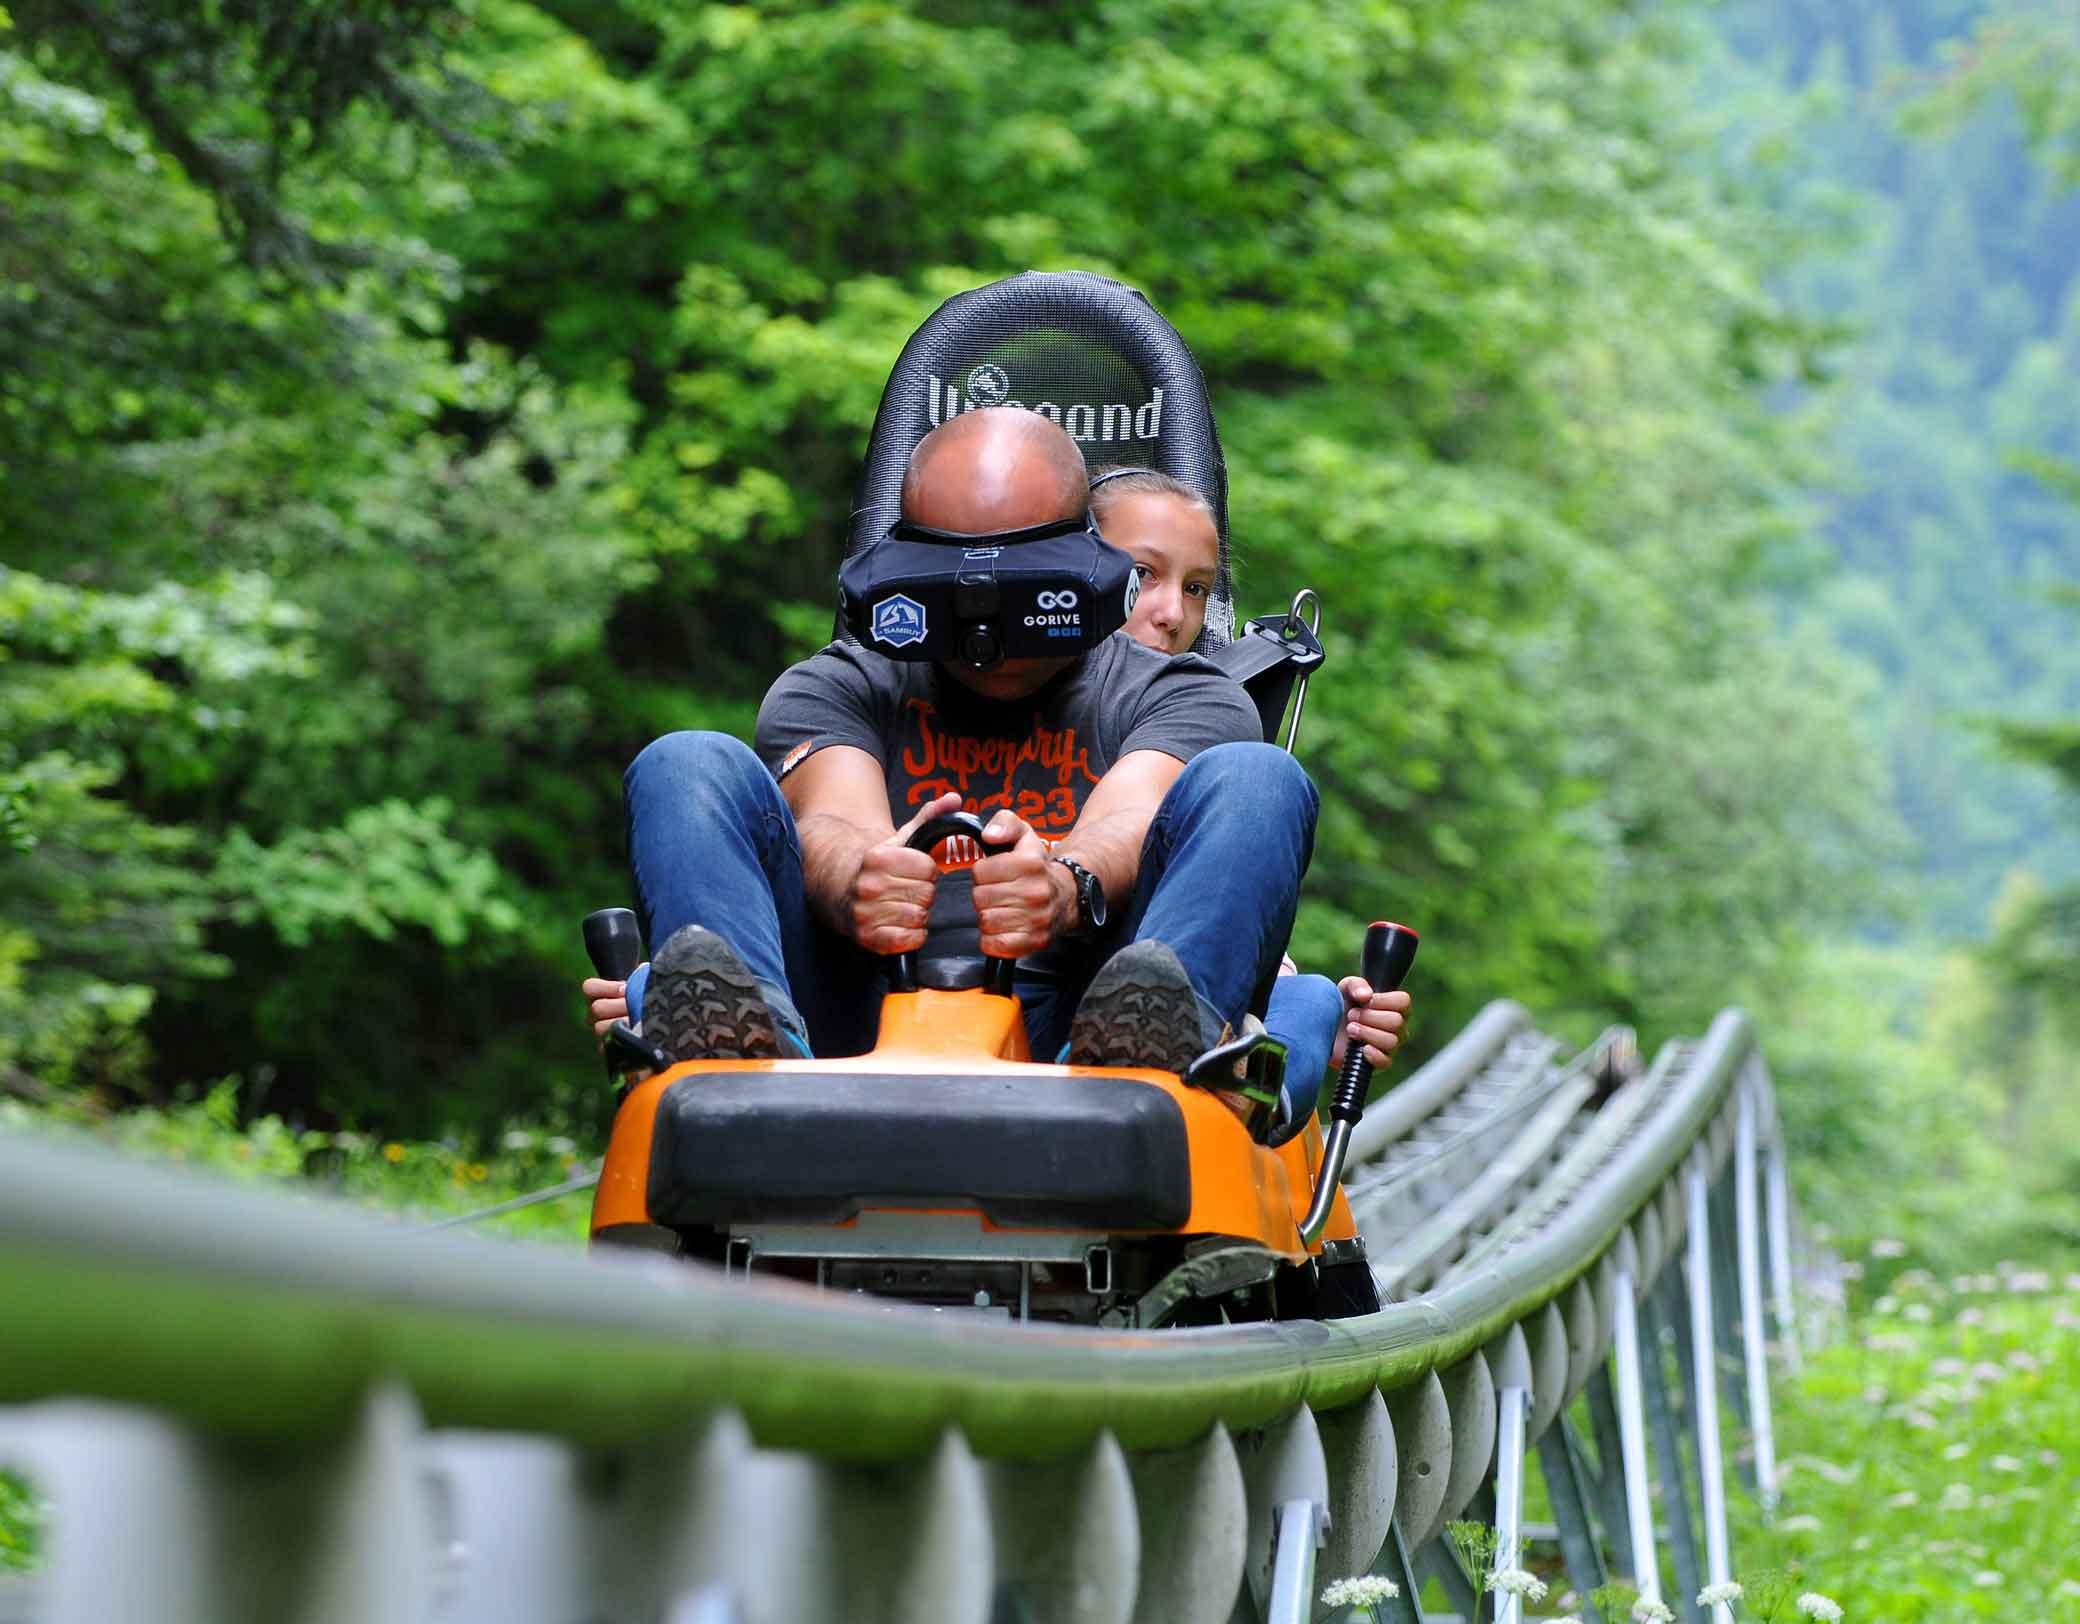 La Sambuy luge sur rails avec casque réalité virtuelle © RDNIS